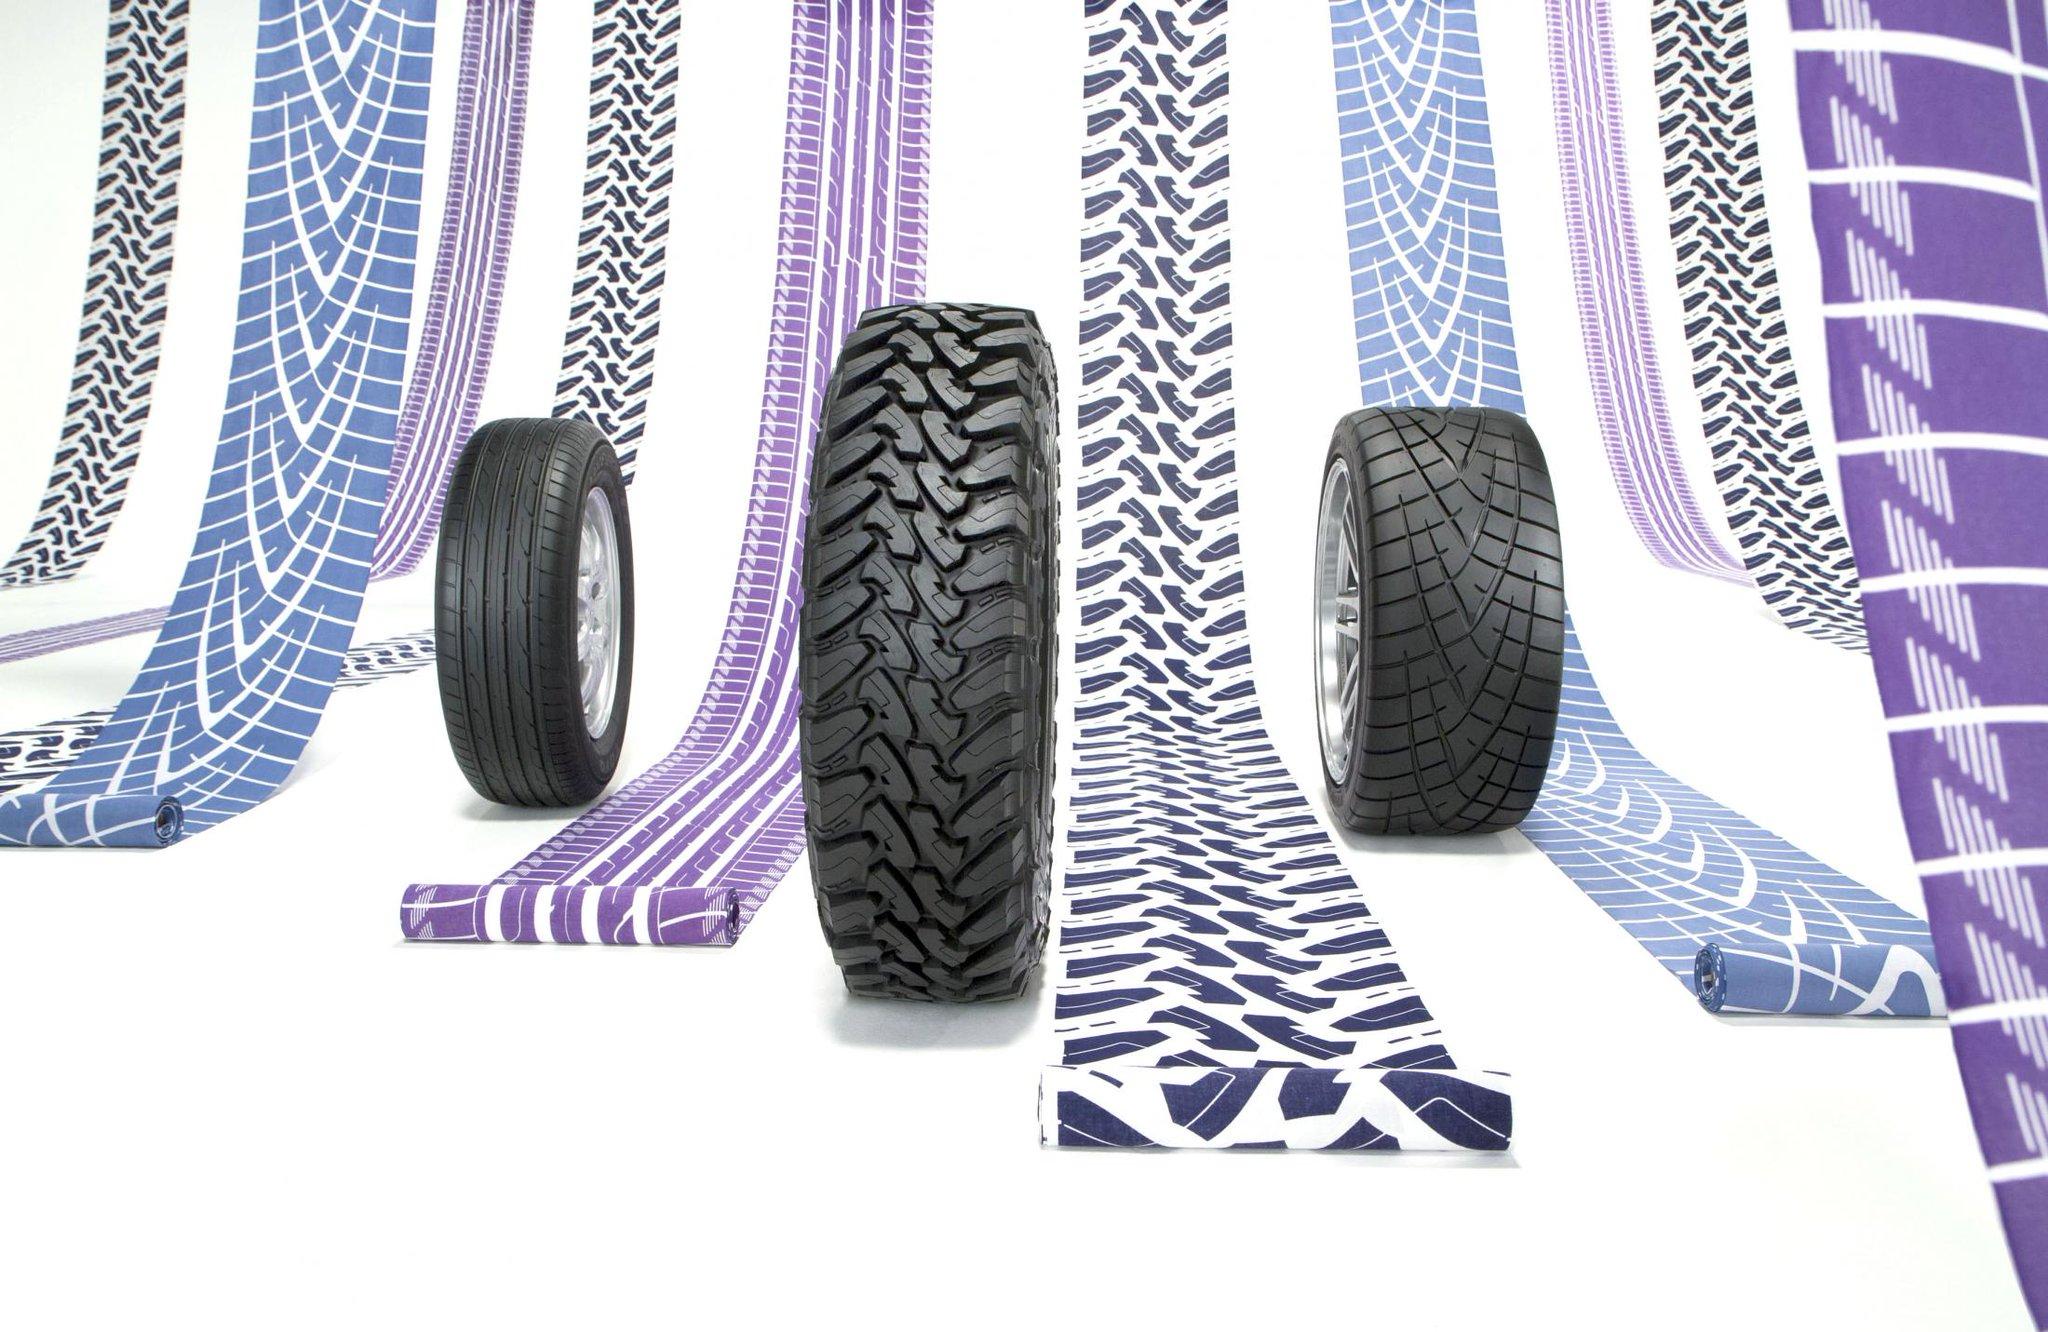 TOYO TIRES(トーヨータイヤ)が作ったタイヤ柄の着物、めっちゃよくないですか…。